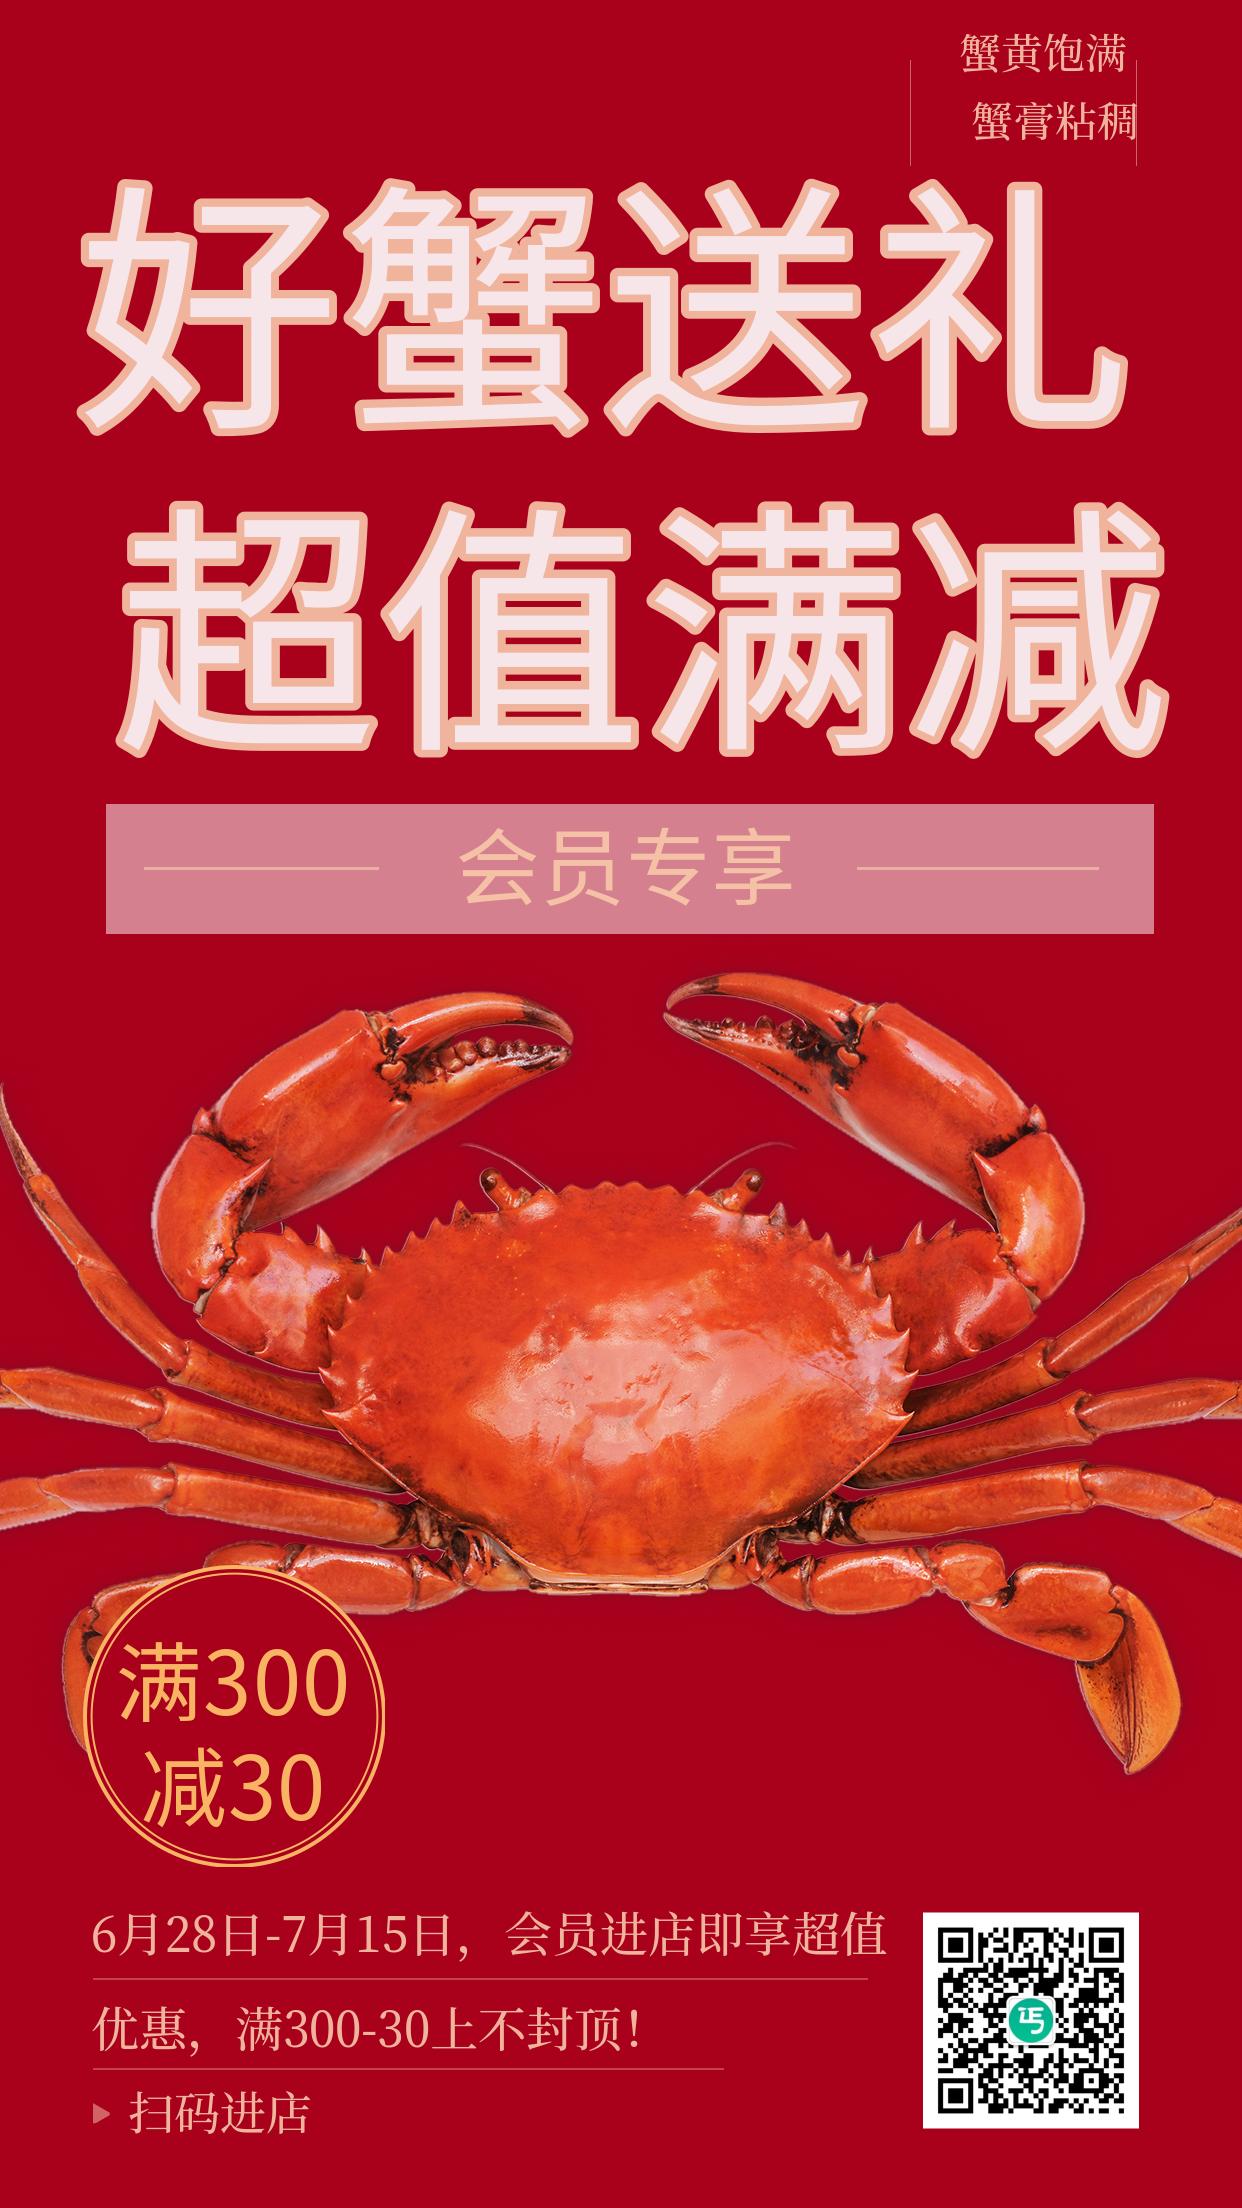 大闸蟹活动促销美食海报